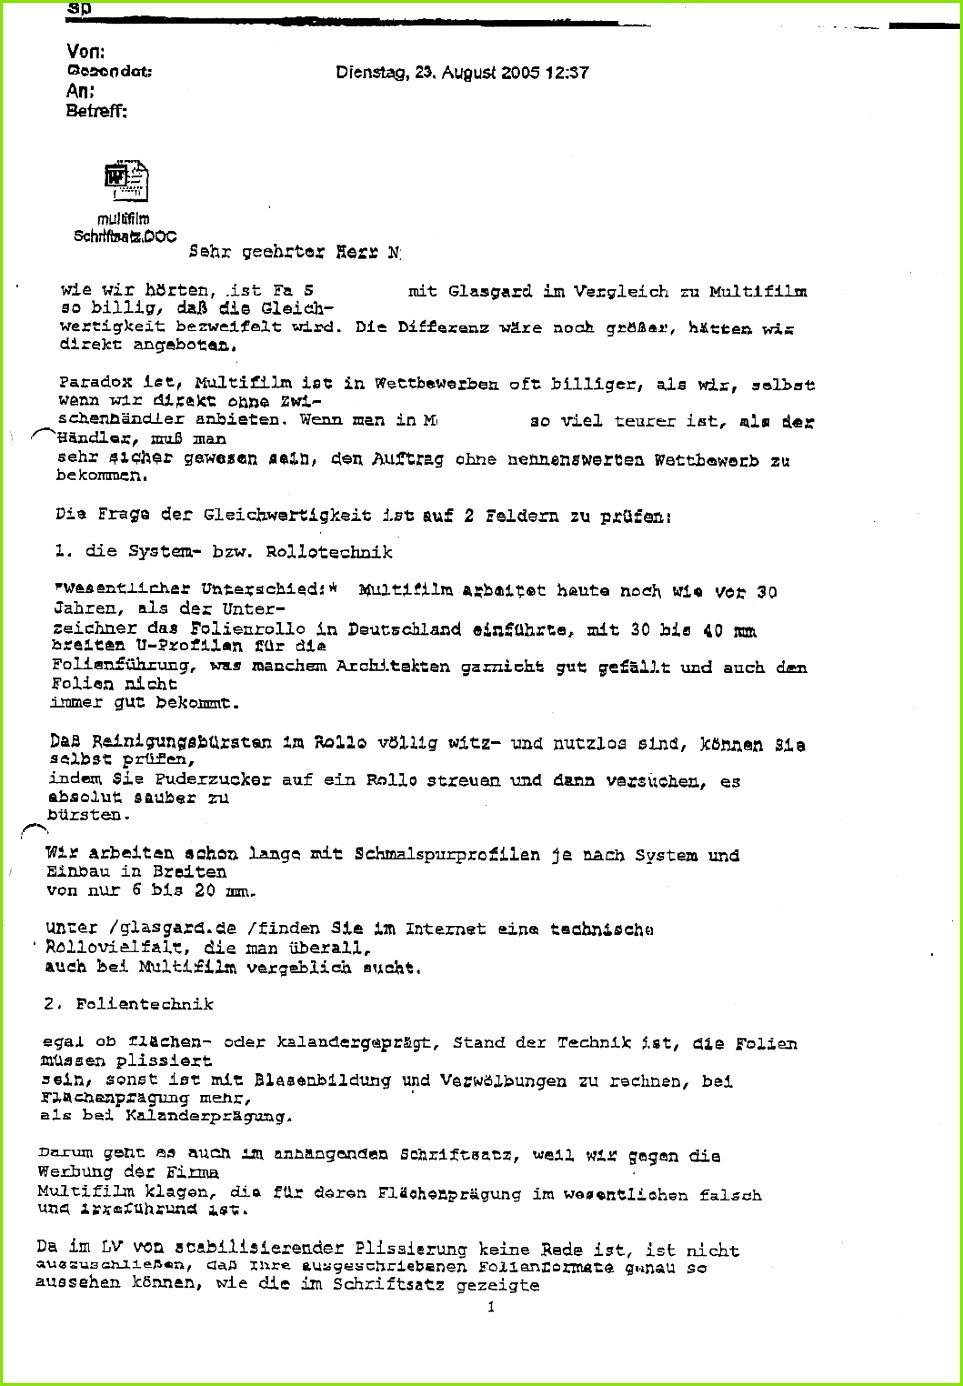 """Rechtsschutzbedürfnis für eine auf Untersagung einer weiteren """"ußerung gerichteten weiteren Unterlassungsklage bei vorheriger Untersagung einer"""